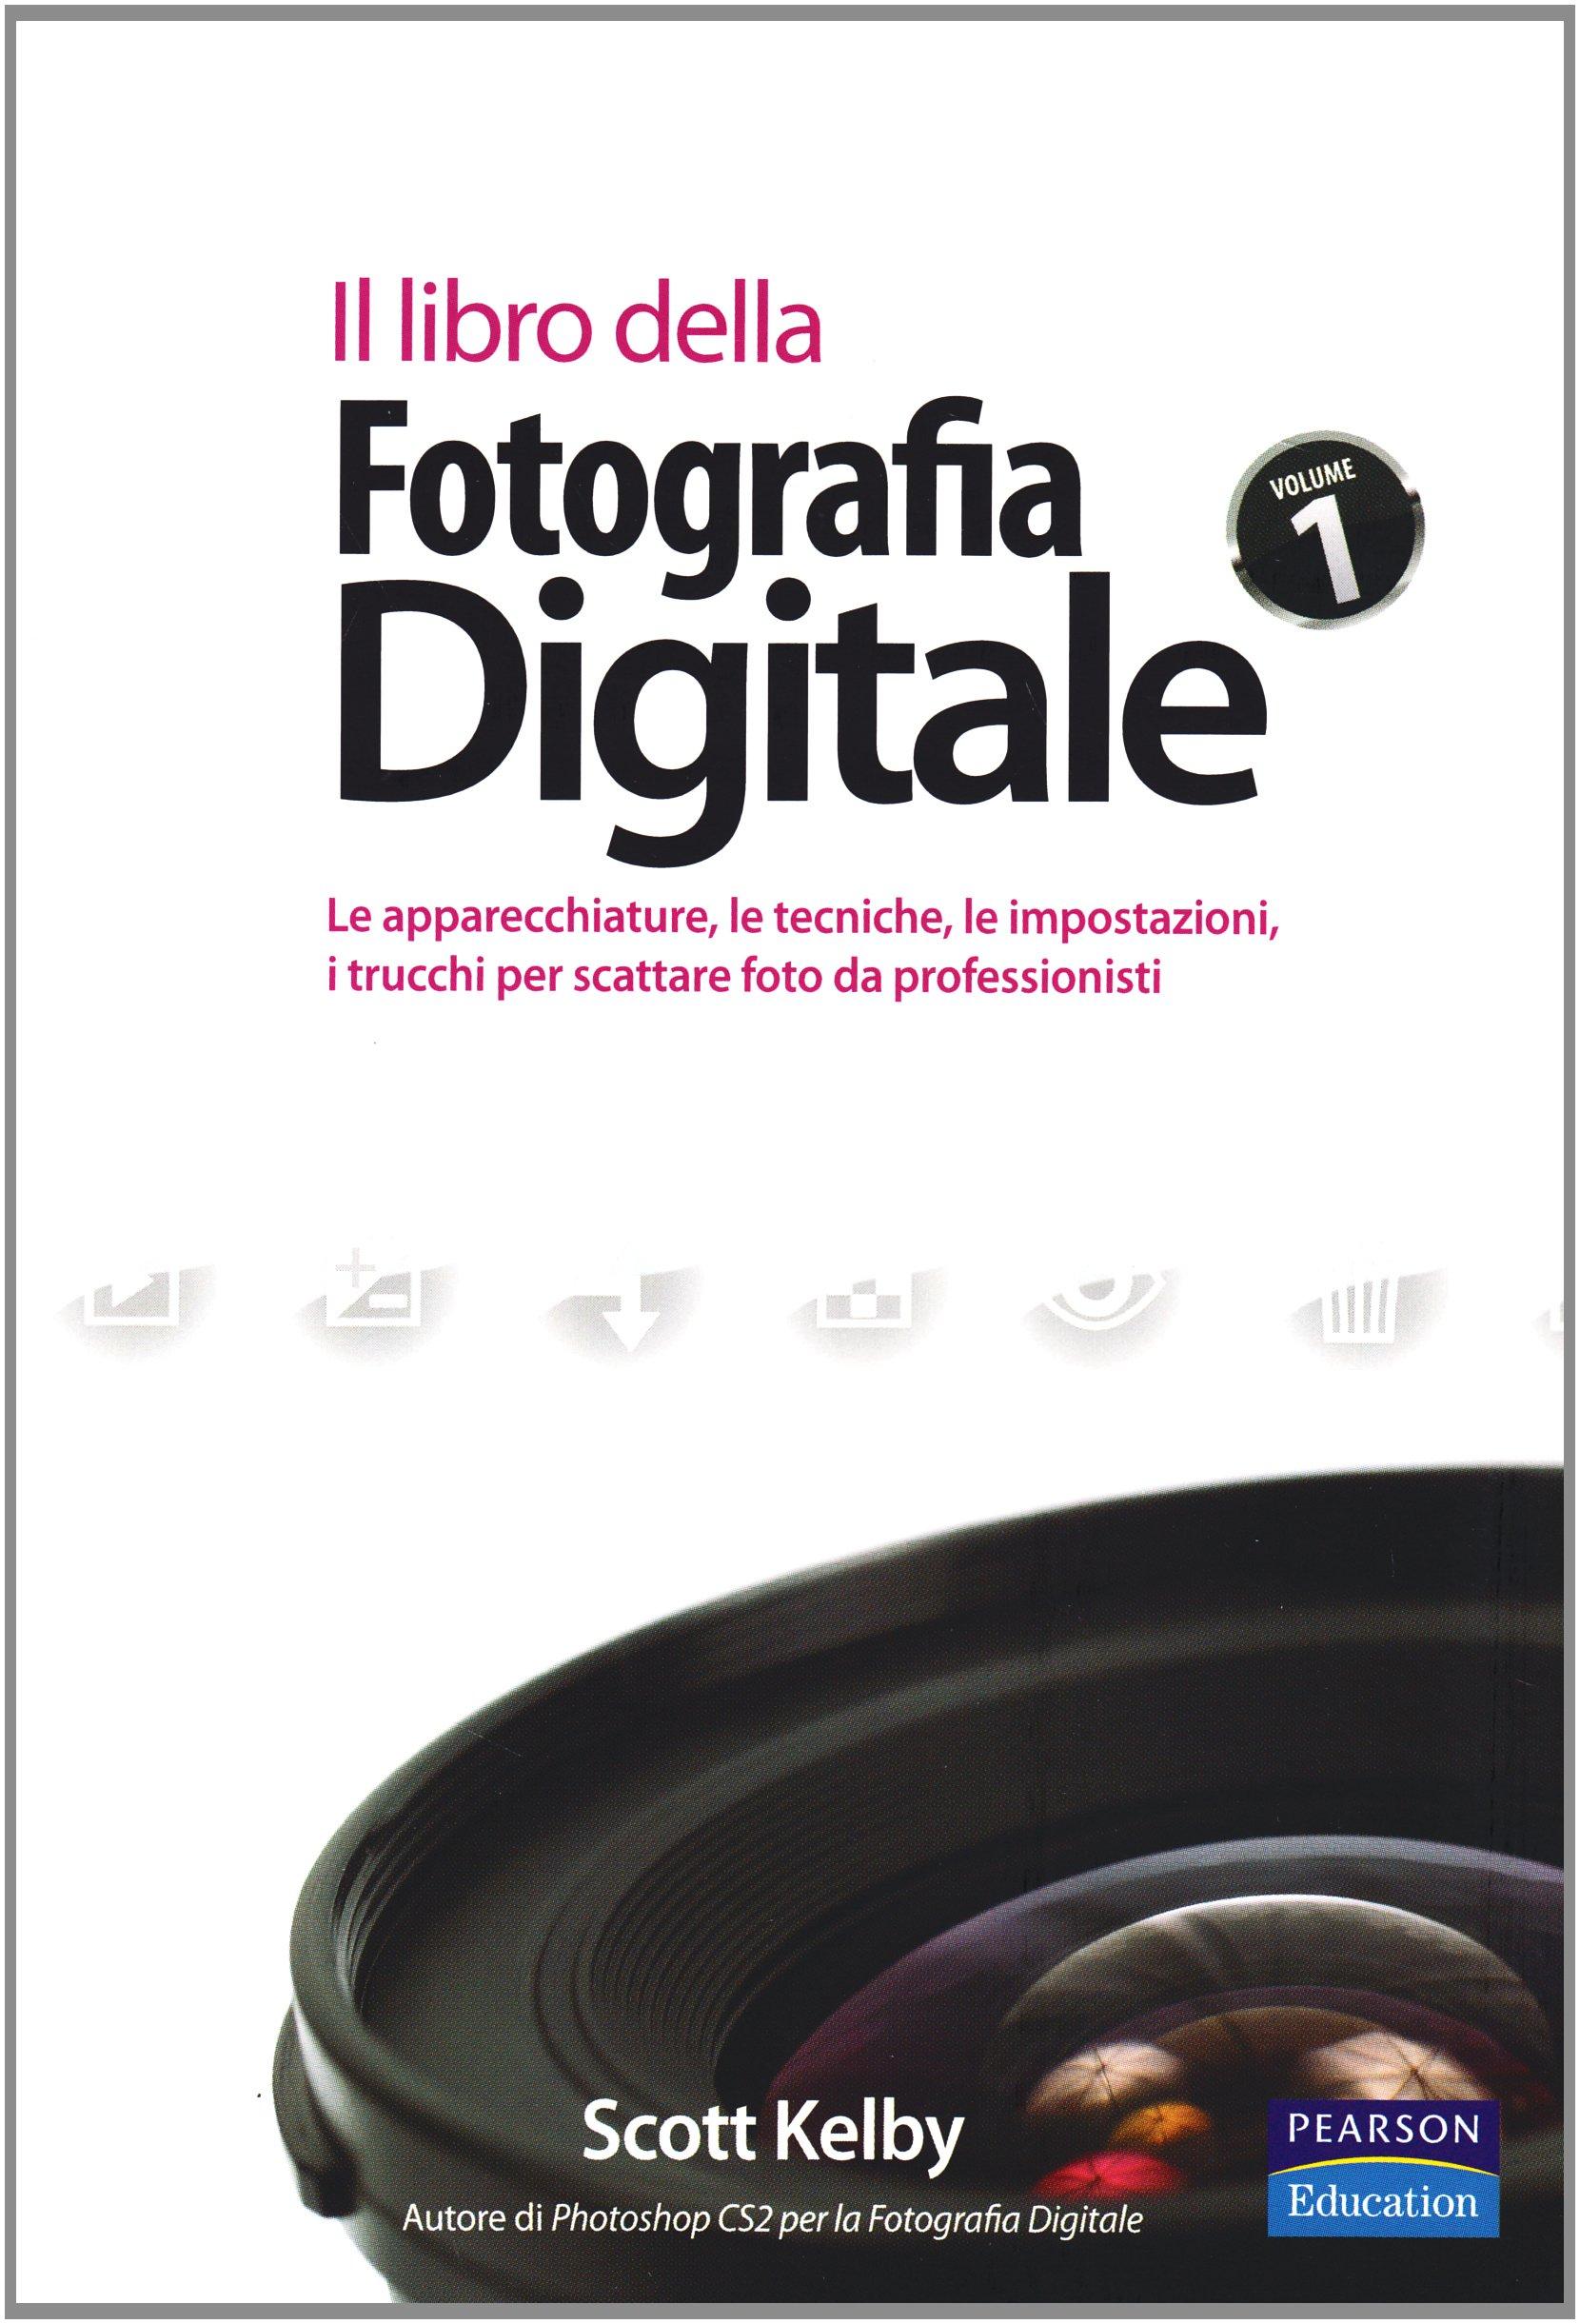 LIBRO DELLA FOTOGRAFIA DIGITALE EBOOK DOWNLOAD